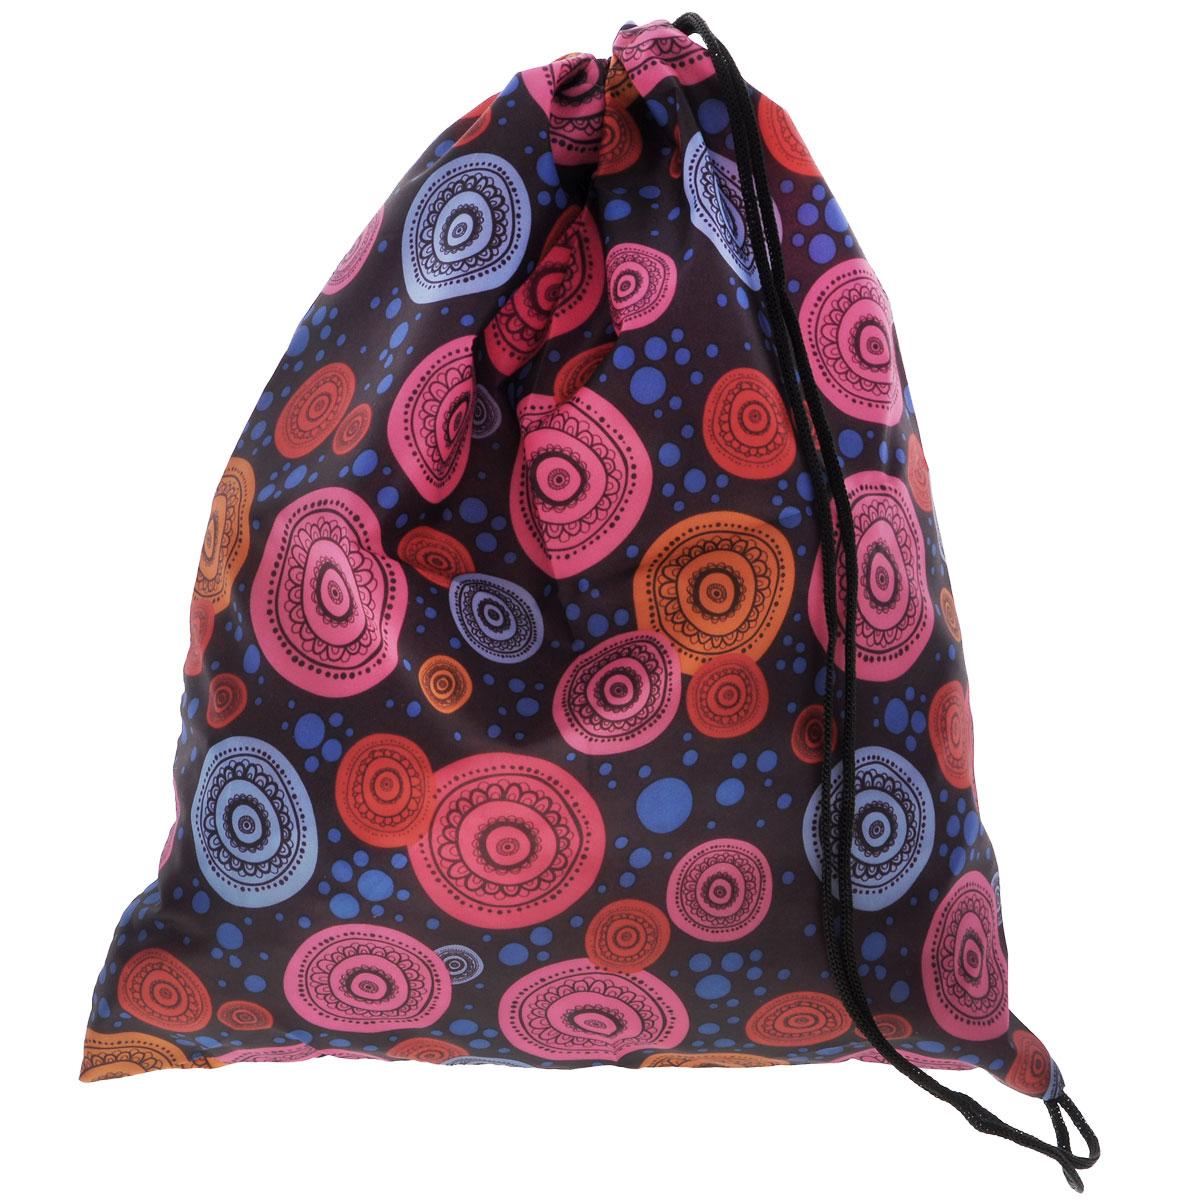 Eva Сумка для сменной обуви цвет голубой розовый оранжевыйЕ25Сумку для сменной обуви Eva удобно использовать как для хранения, так и для переноски сменной обуви. Она выполнена из прочного полиэстера и затягивается сверху текстильными шнурками. Плотный материал обеспечит надежность и долговечность сумки. Шнурки фиксируются в нижней части сумки, благодаря чему ее можно носить за спиной как рюкзак.